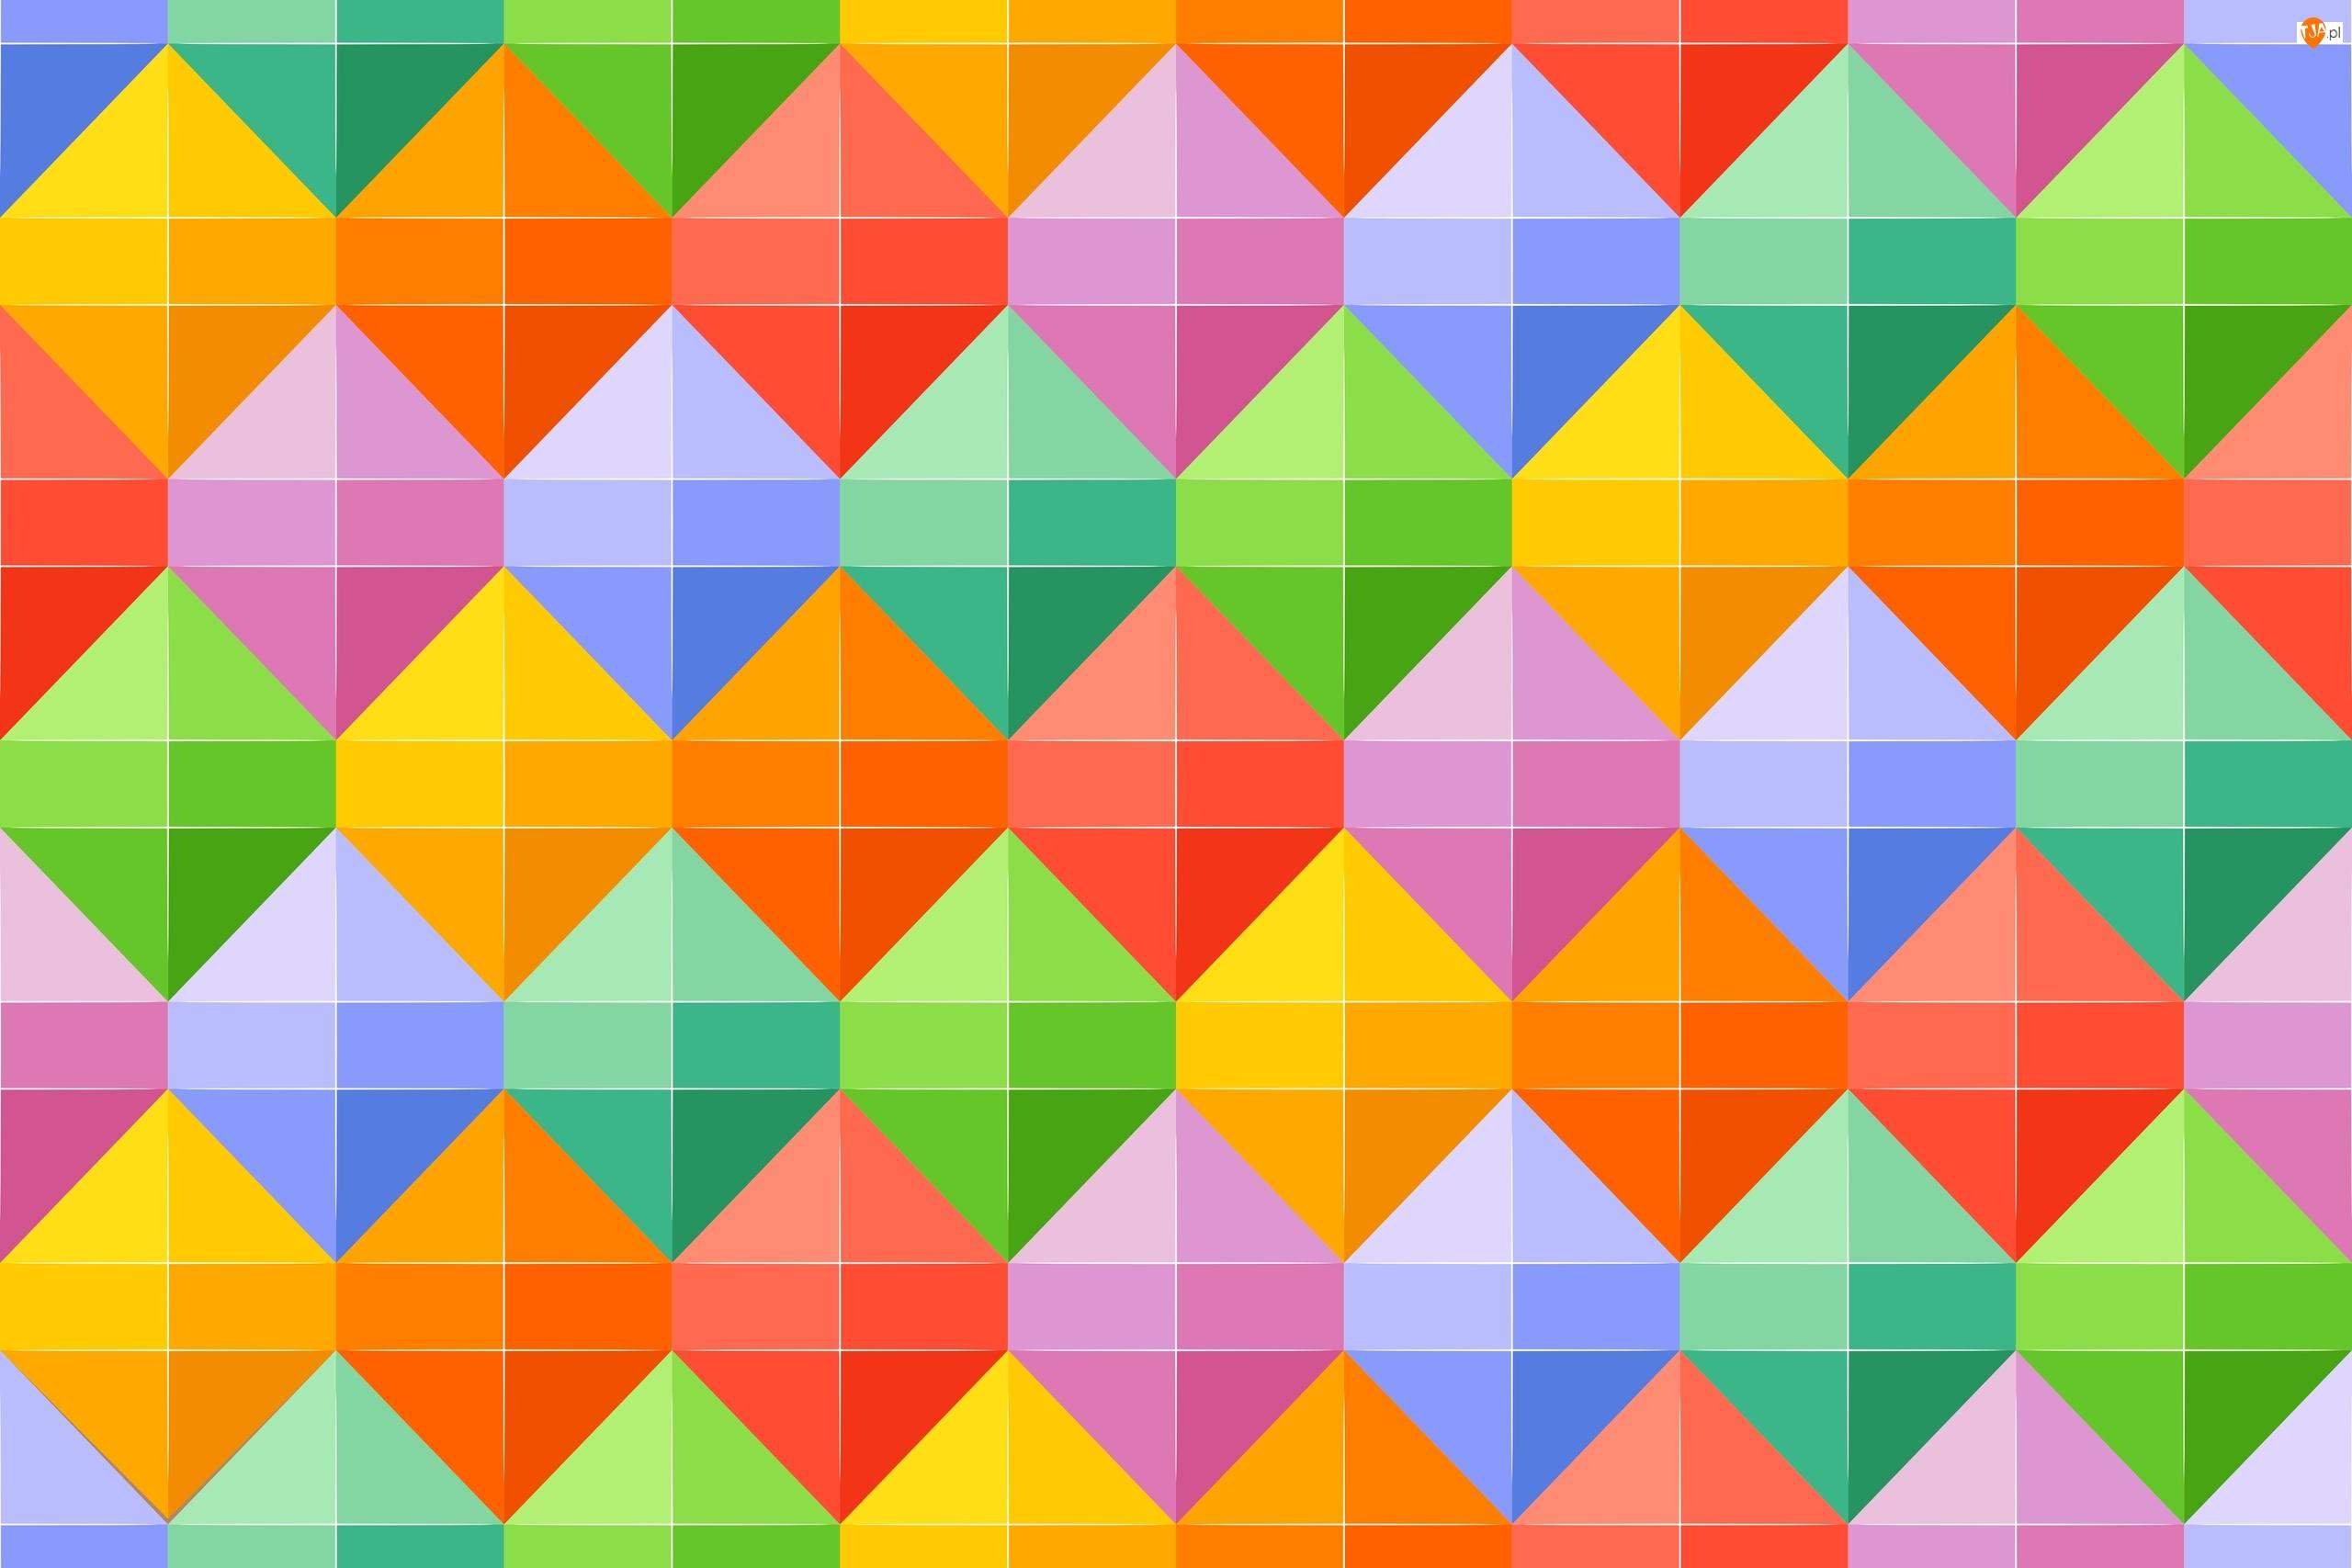 Tekstura, Kolorowe, Geometryczne, Figury, Tło